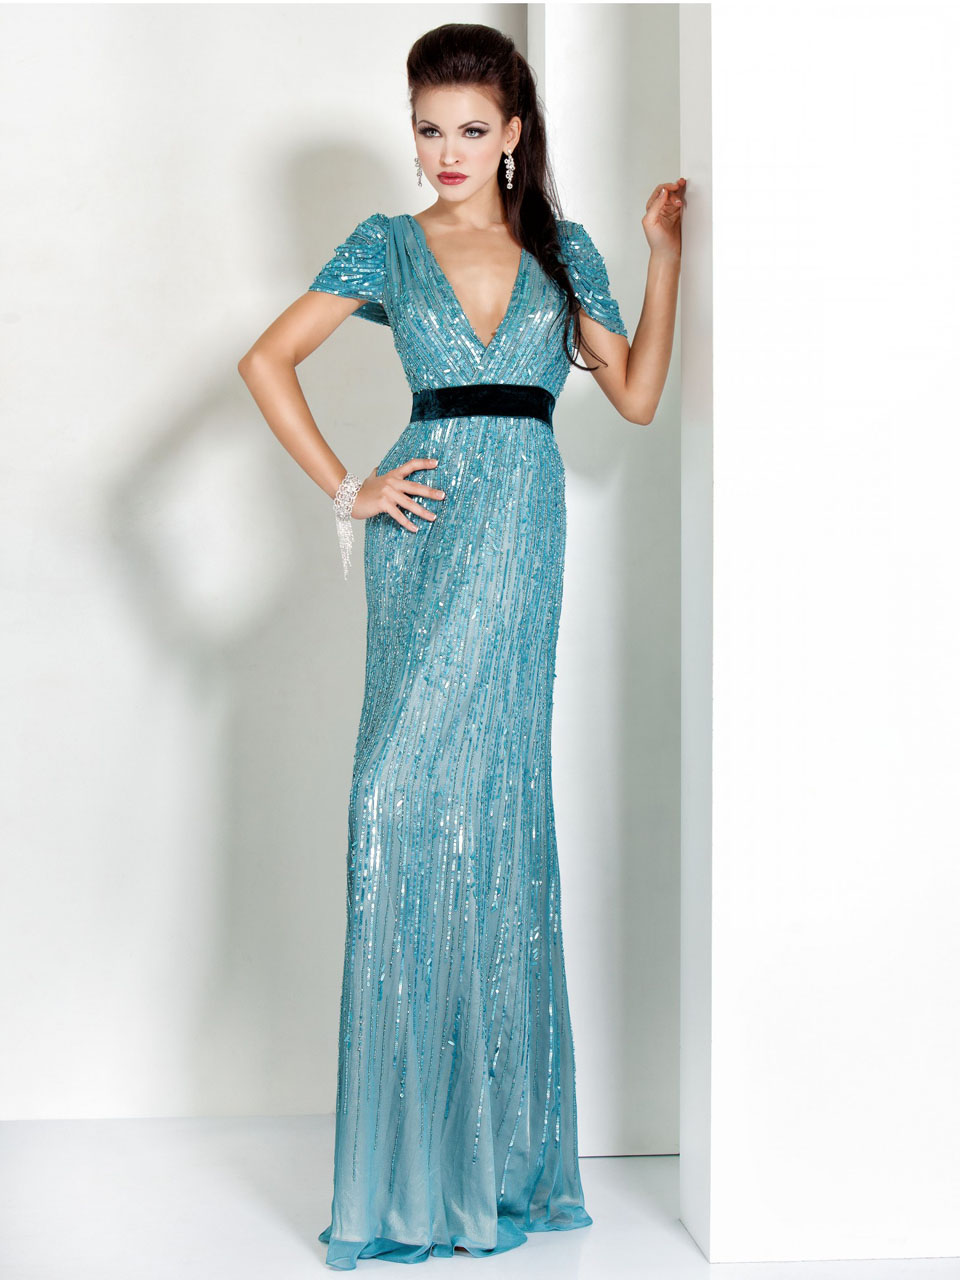 Uzun kollu abiye elbise modelleri 11 pictures - Uzun K Sa Kollu Abiye Elbise K Yafet Modelleri 2017